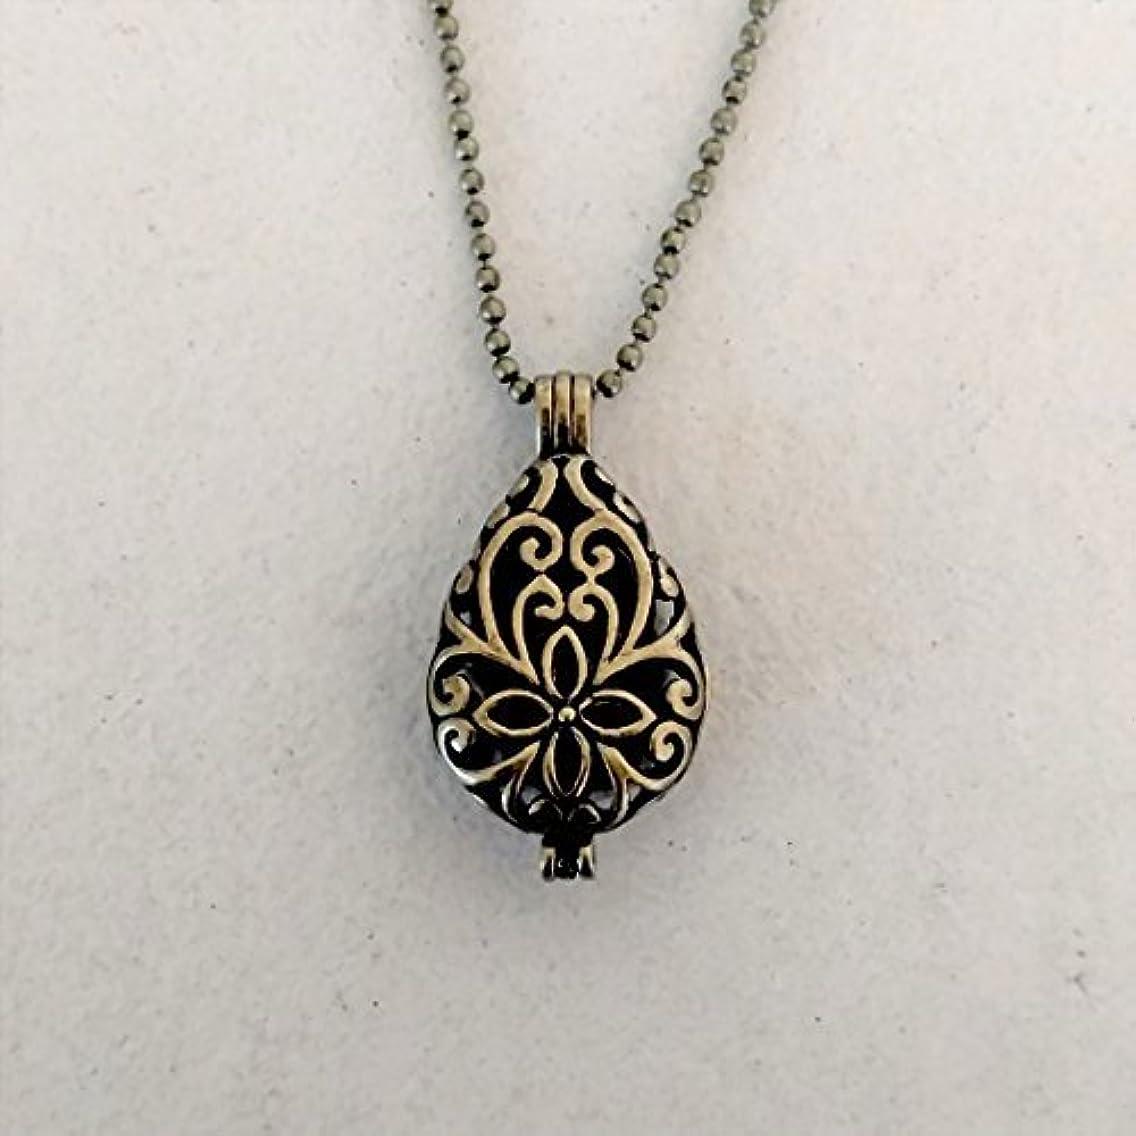 ラップ支援販売員Bronze tone Teardrop Small Aromatherapy Necklace Essential Oil Diffuser Locket Pendant Jewelry w/reusable felt...